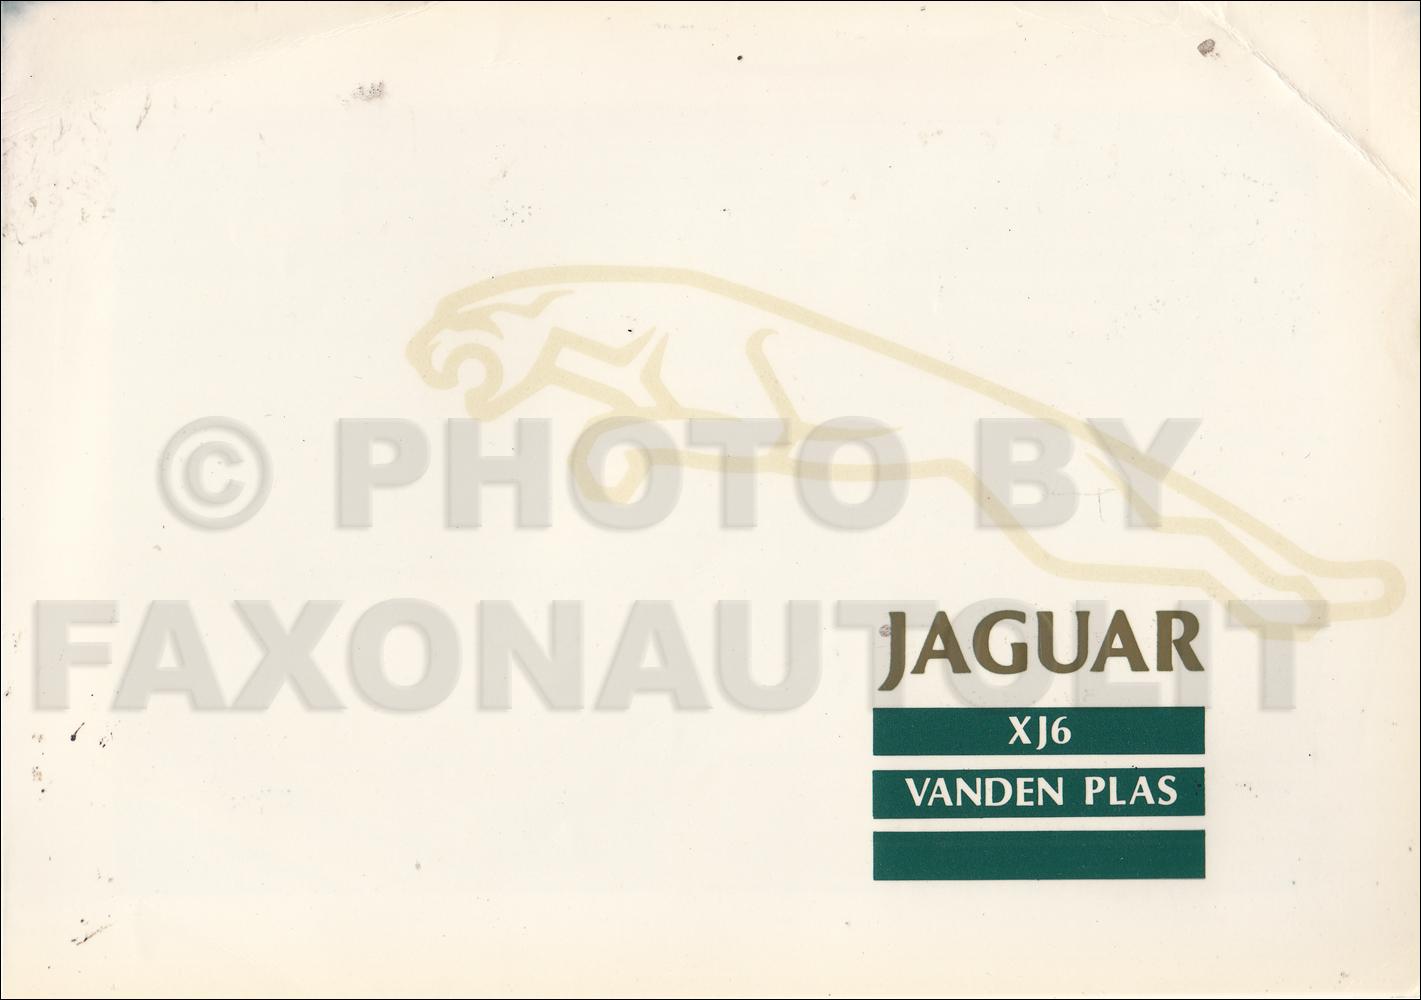 1988 Jaguar Xj6 Electrical Guide Wiring Diagram Original